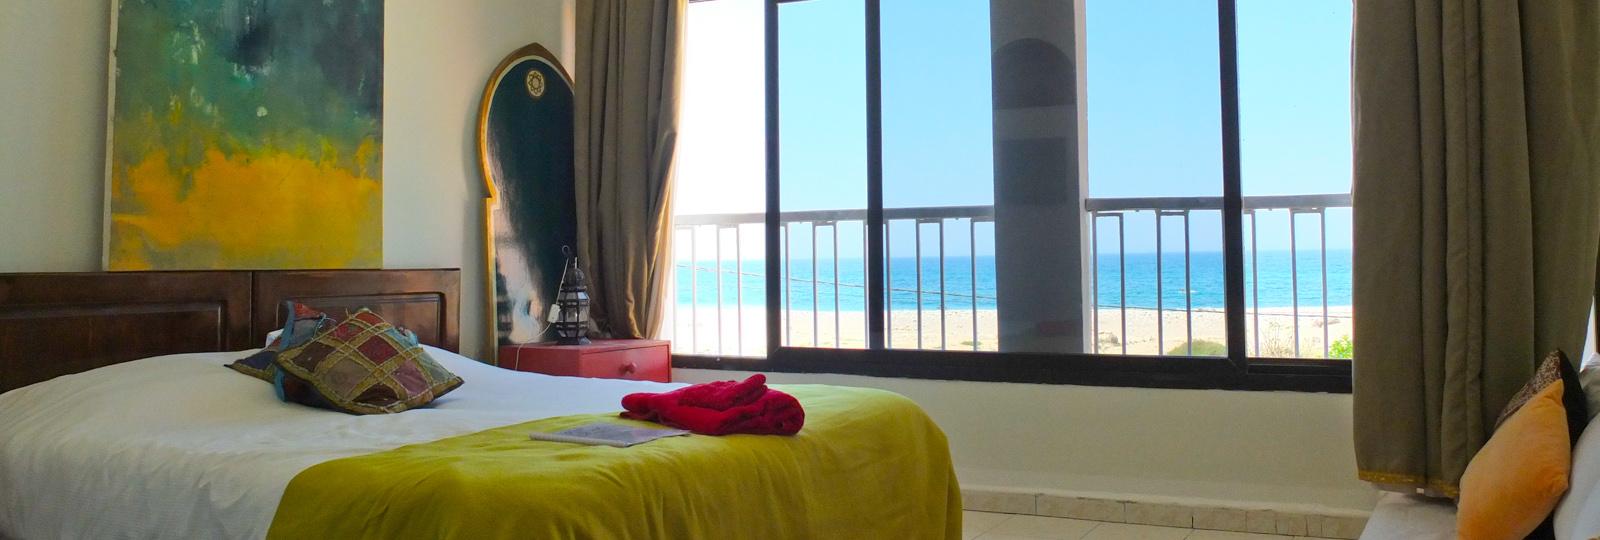 morocco-yoga-retreat-room-2.jpg